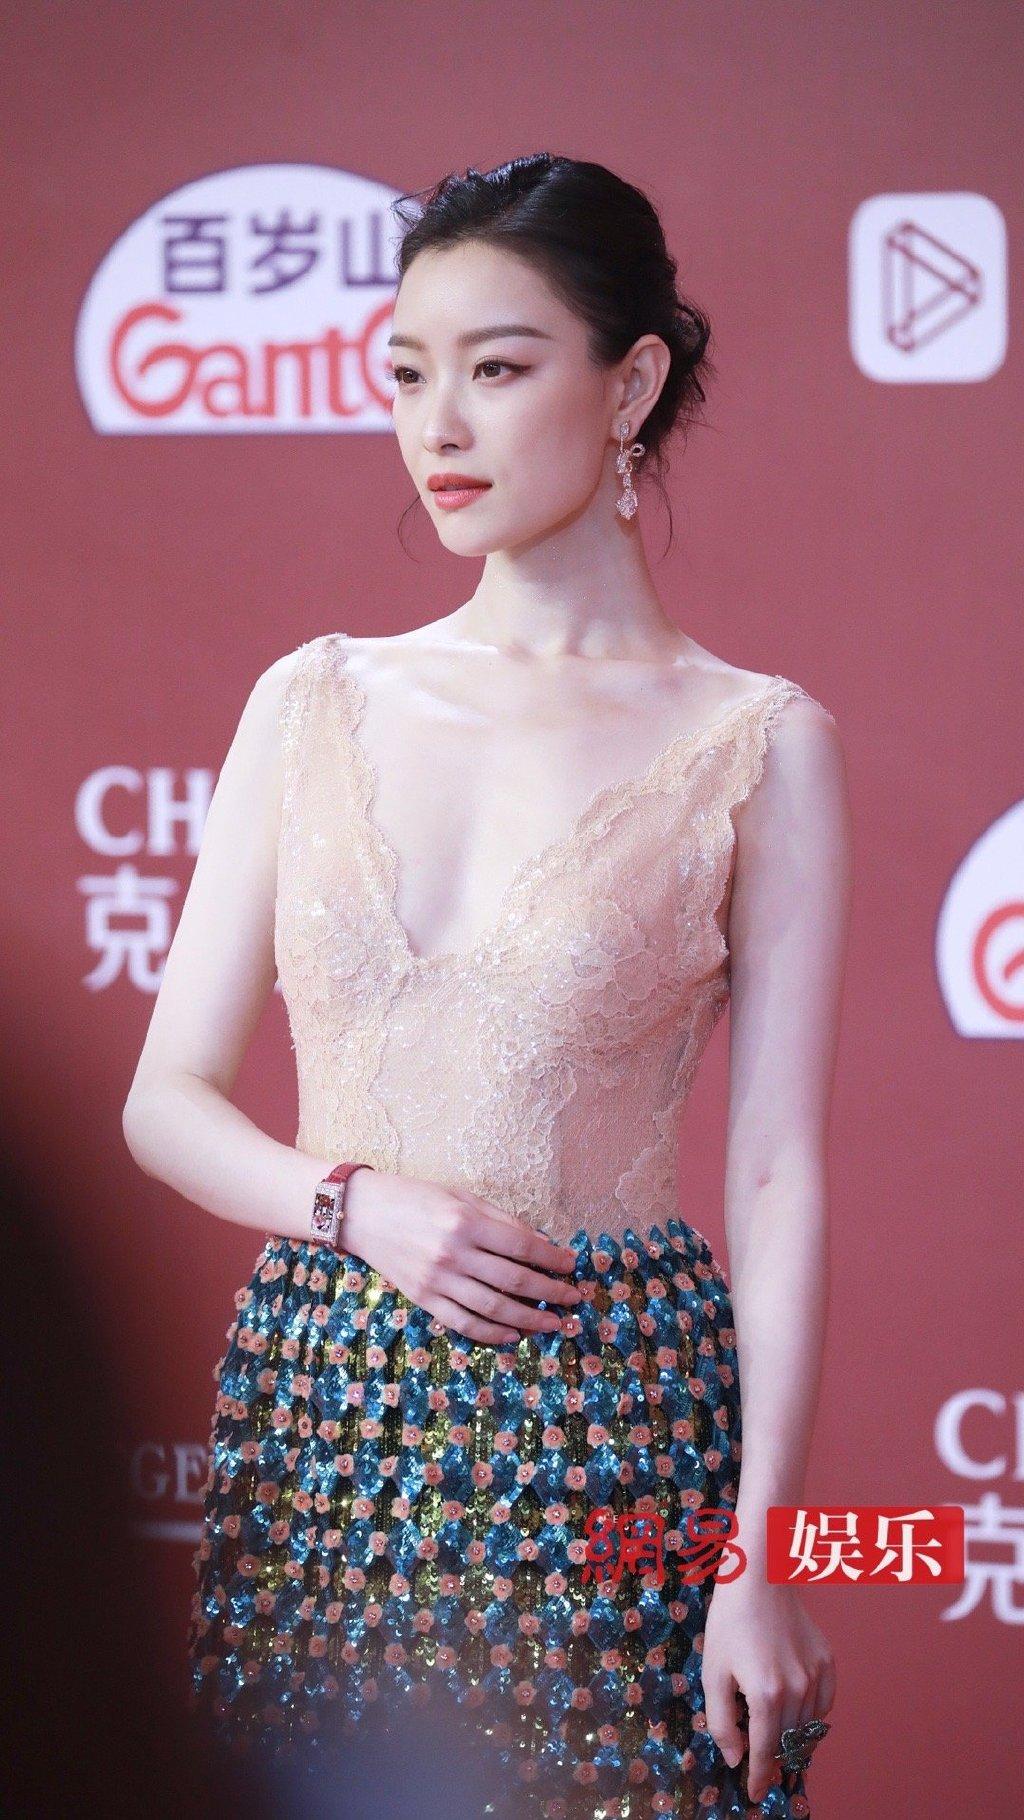 Nghê Ni luôn mang thần thái kiêu sa, mong manh và mặc trang phục nào trên người cũng giống thiết kế cao cấp. Nữ diễn viên sở hữu gương mặt đậm chất điện ảnh, được các đạo diễn ưu ái.